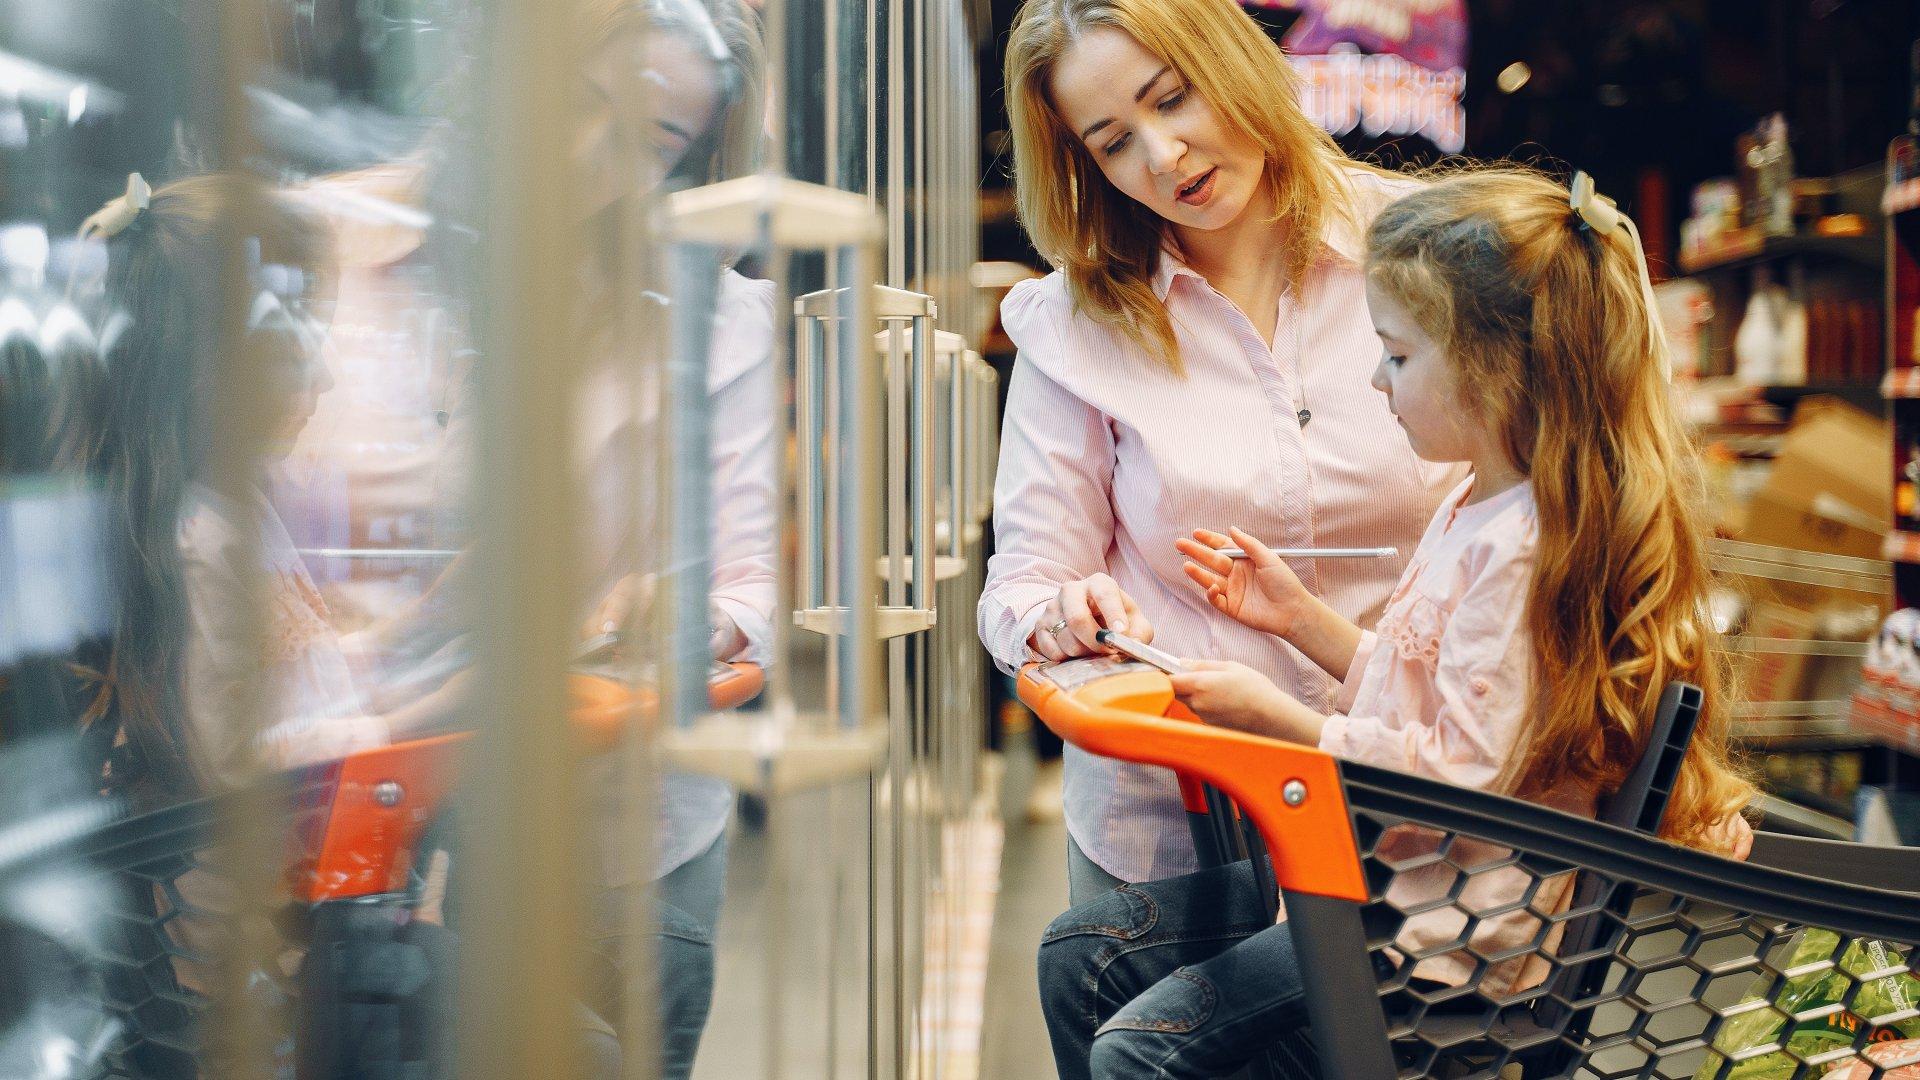 Gyerek ül egy bevásárlókocsiban